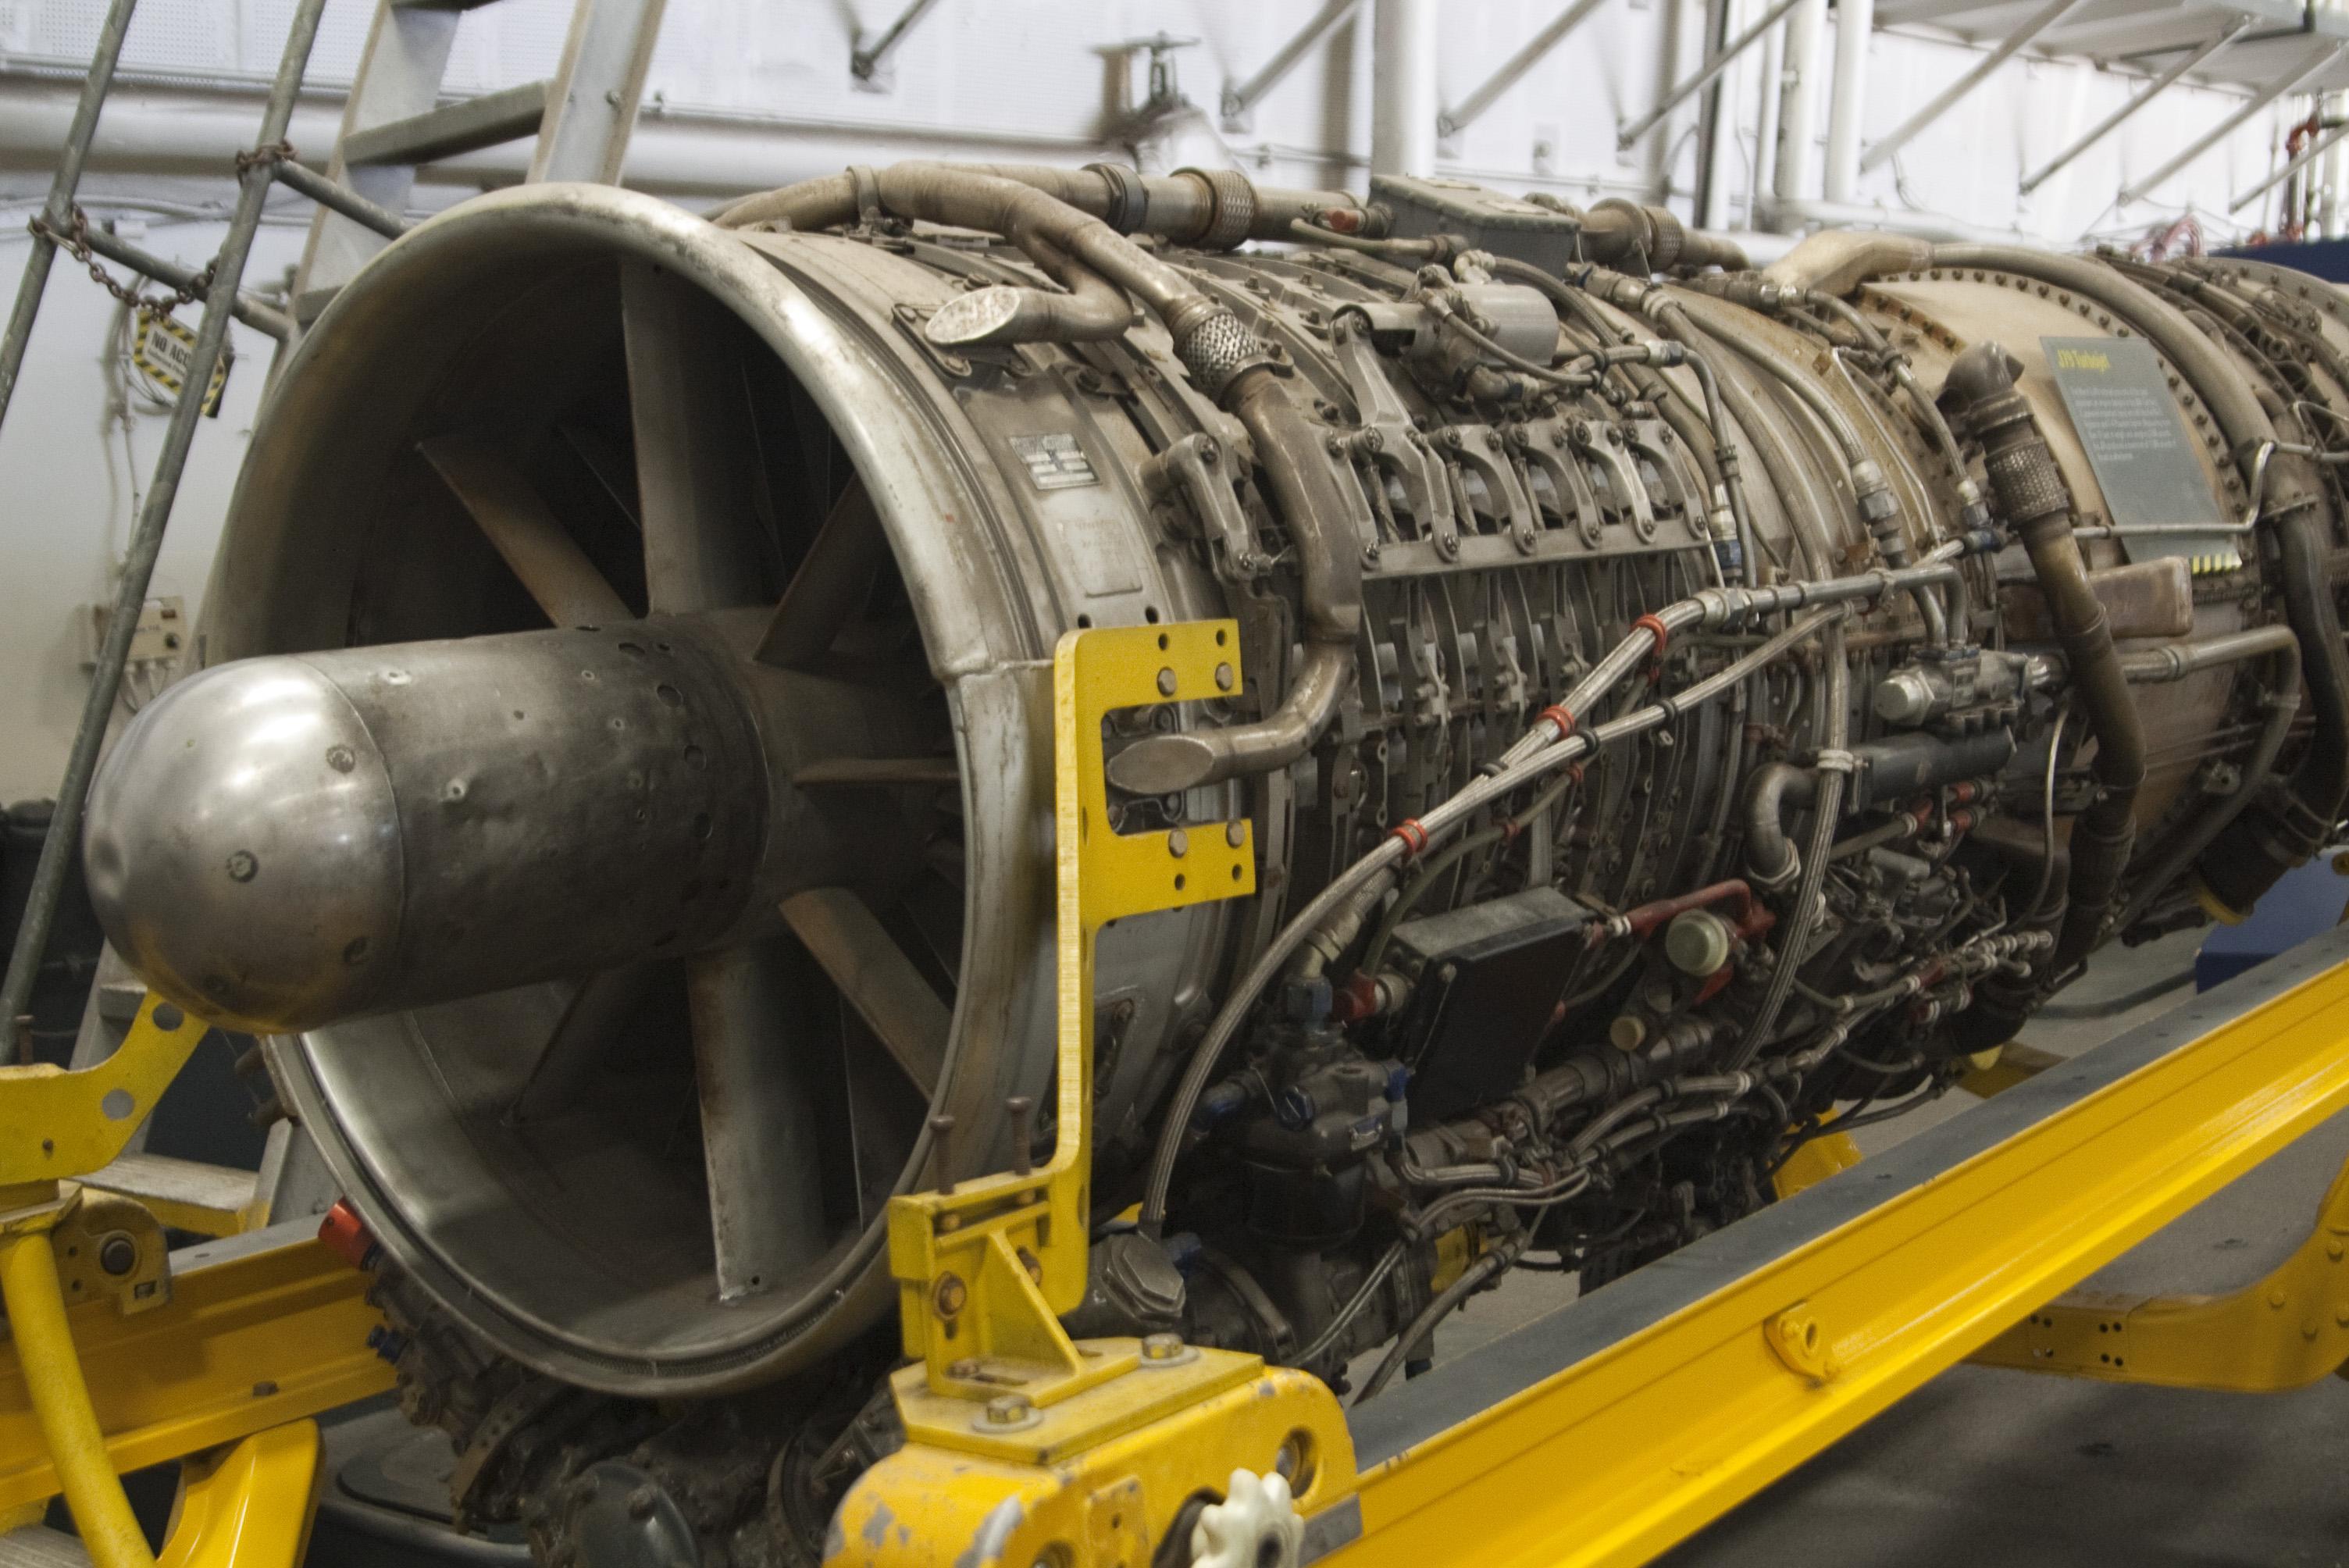 jet engine turbine and - photo #30